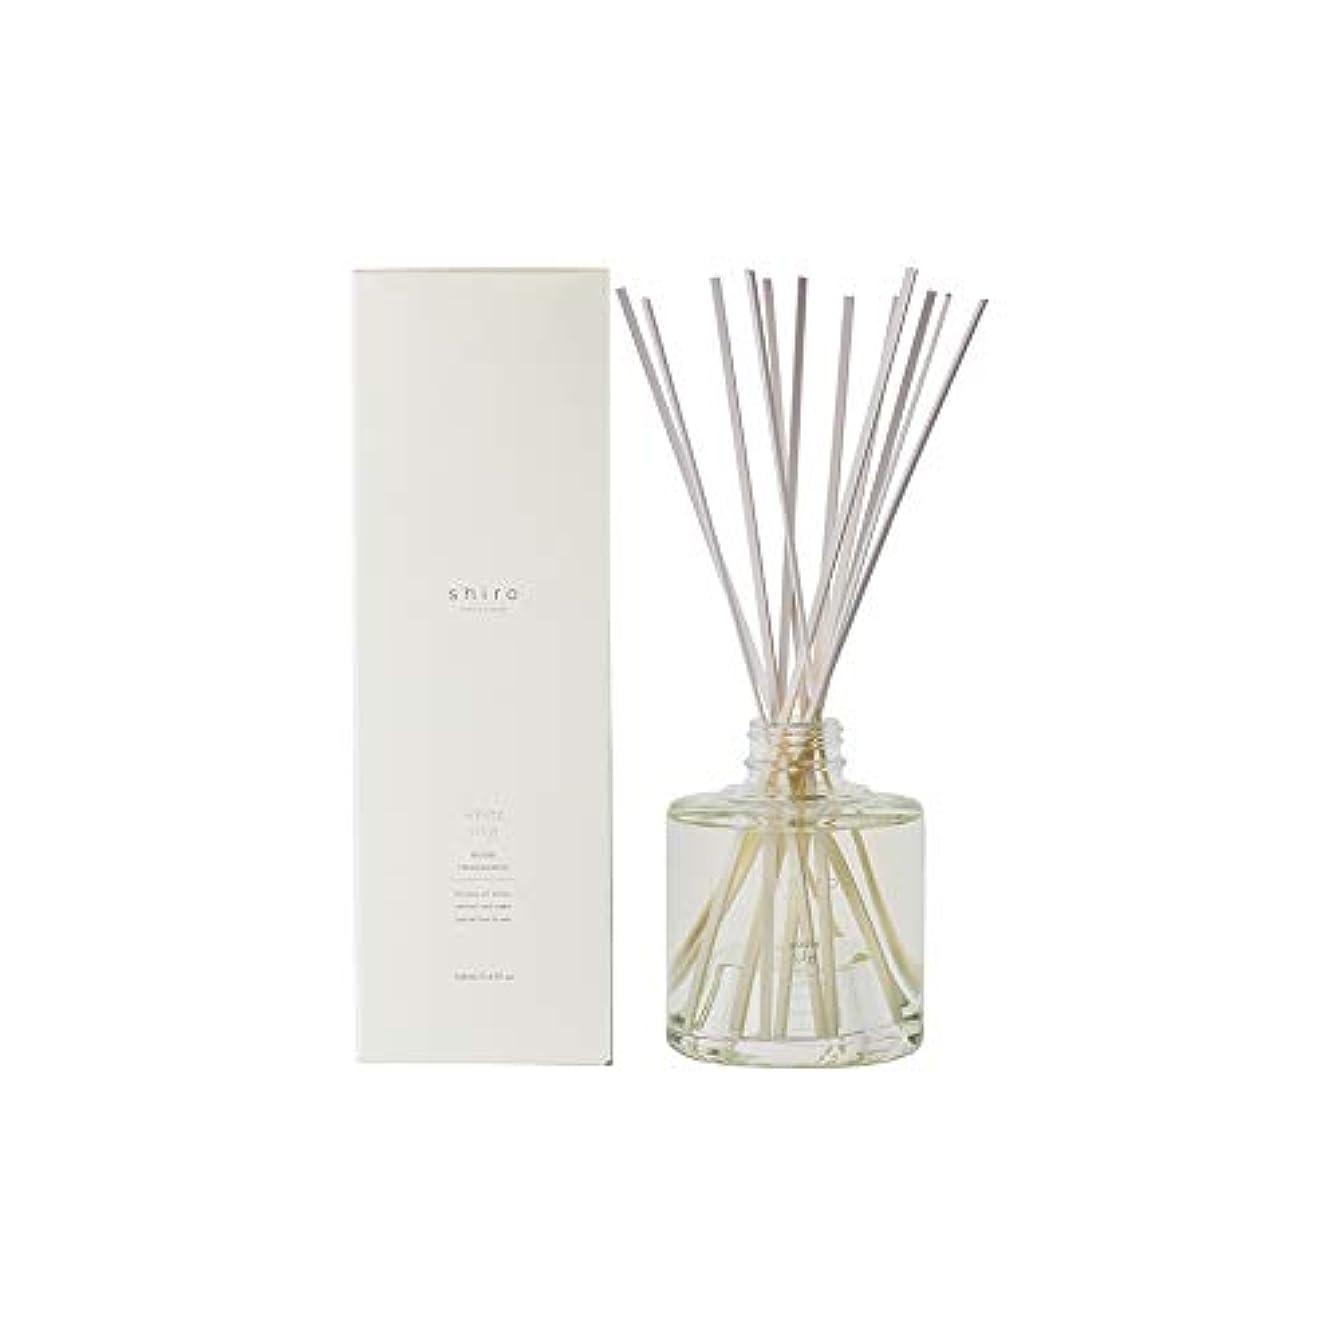 杖粒花に水をやるshiro シロ ルームフレグランス ホワイトリリー 160ml